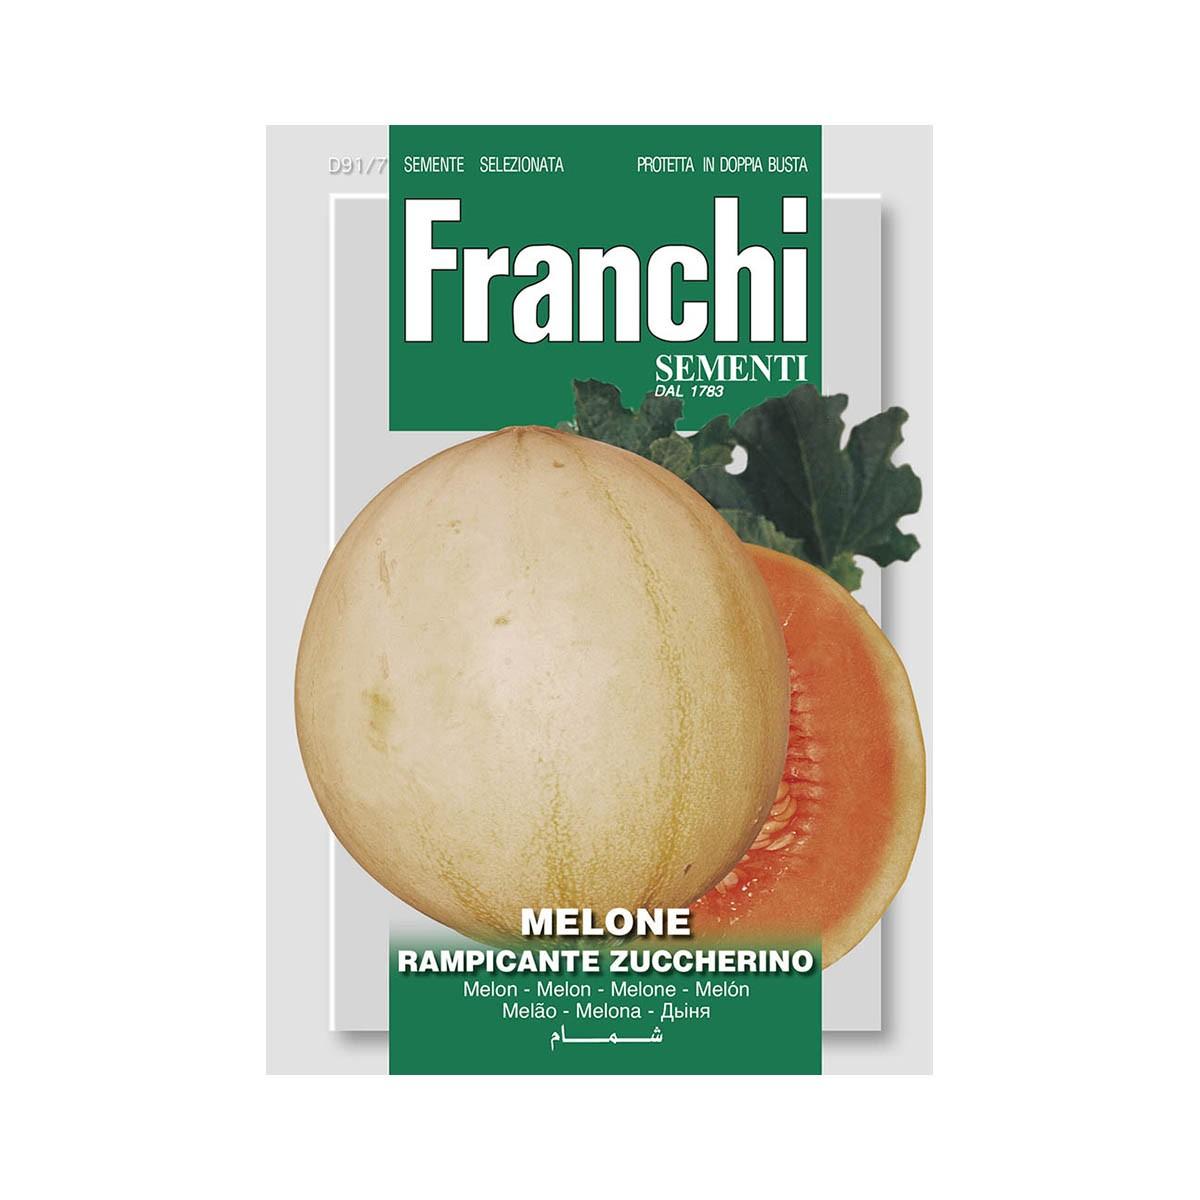 Semi Melone Rampicante Zuccherino